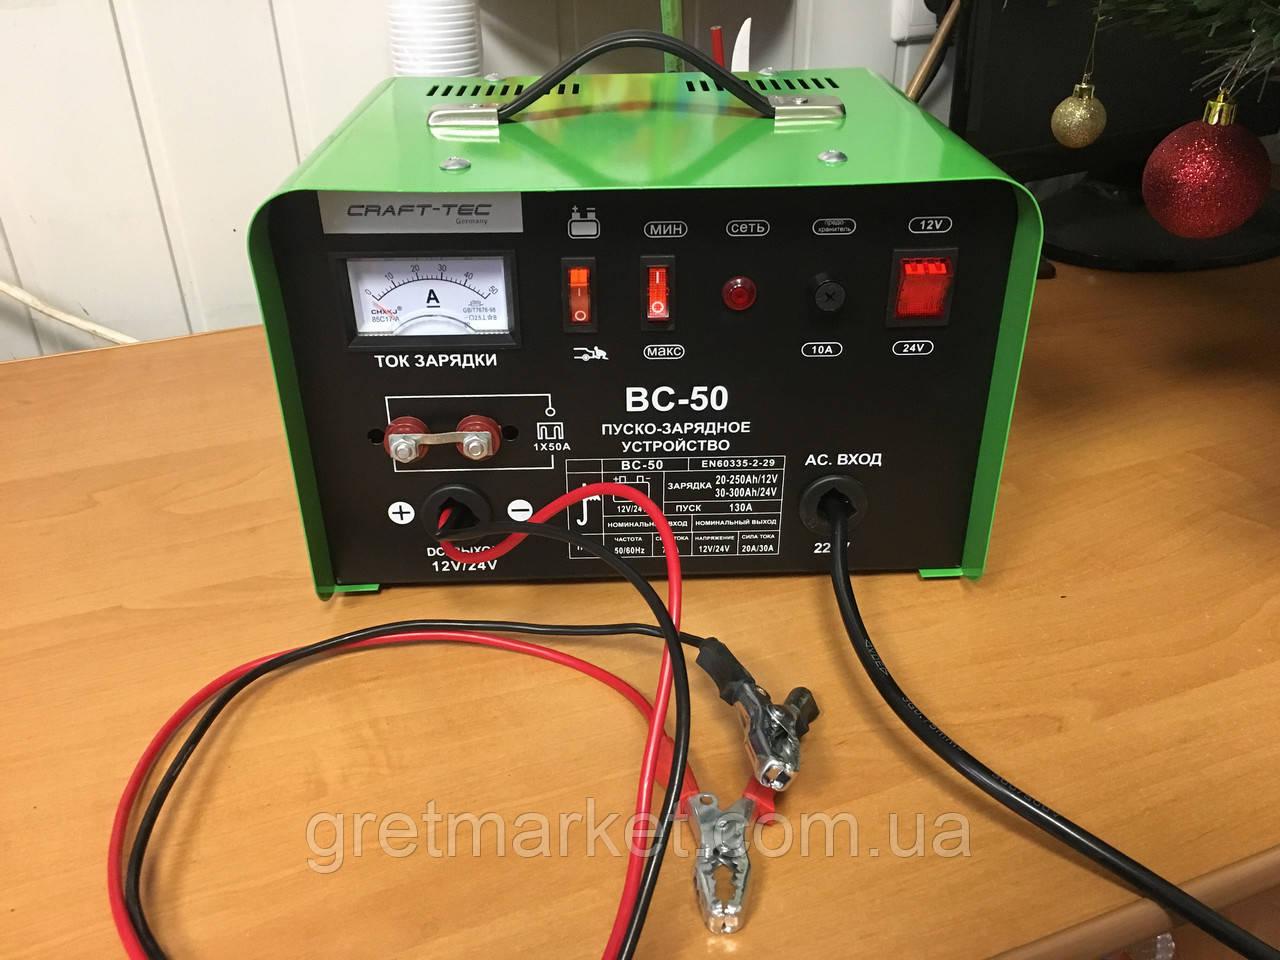 Пуско-зарядное устройство Craft-tec BC-50